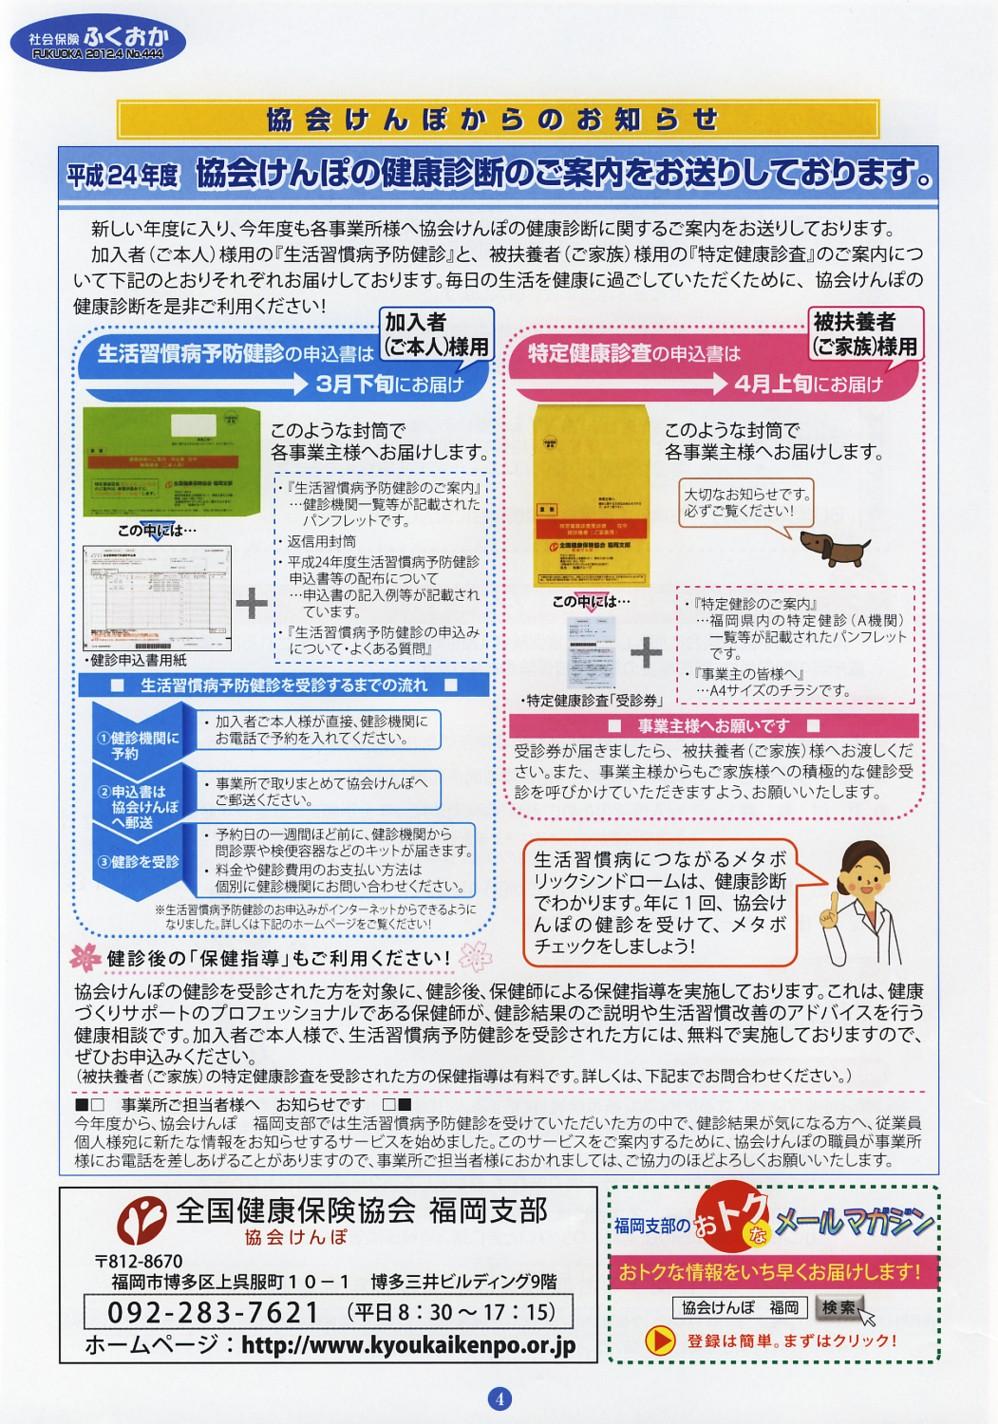 社会保険 ふくおか 2012 4月号_f0120774_13493629.jpg